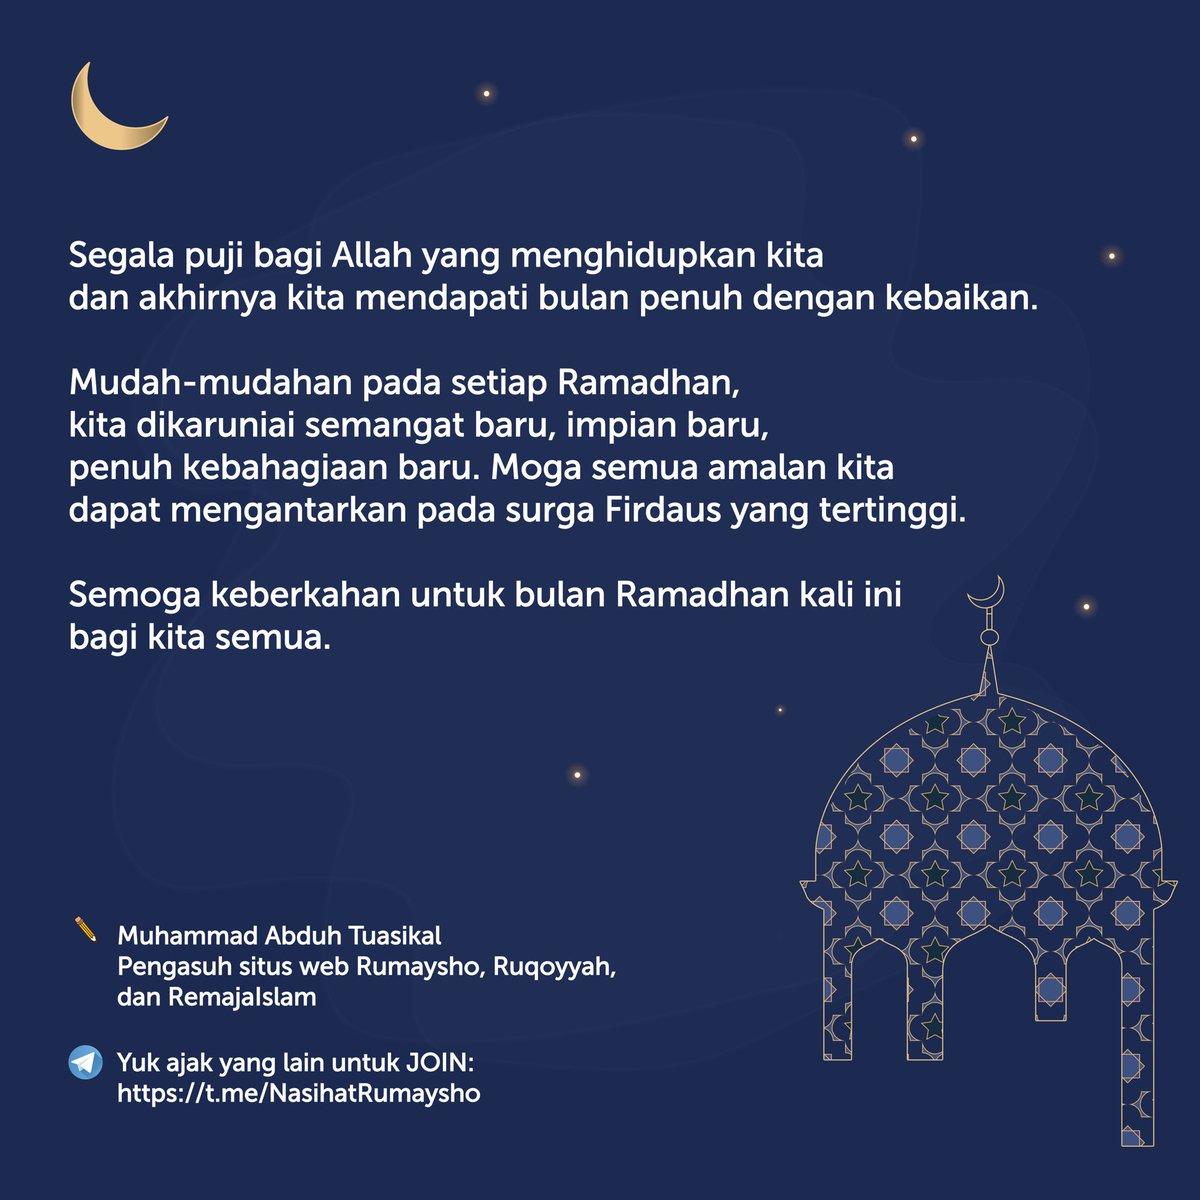 Replying to @RumayshoCom: Ramadhan, moga bawa berkah bagi kita semua.